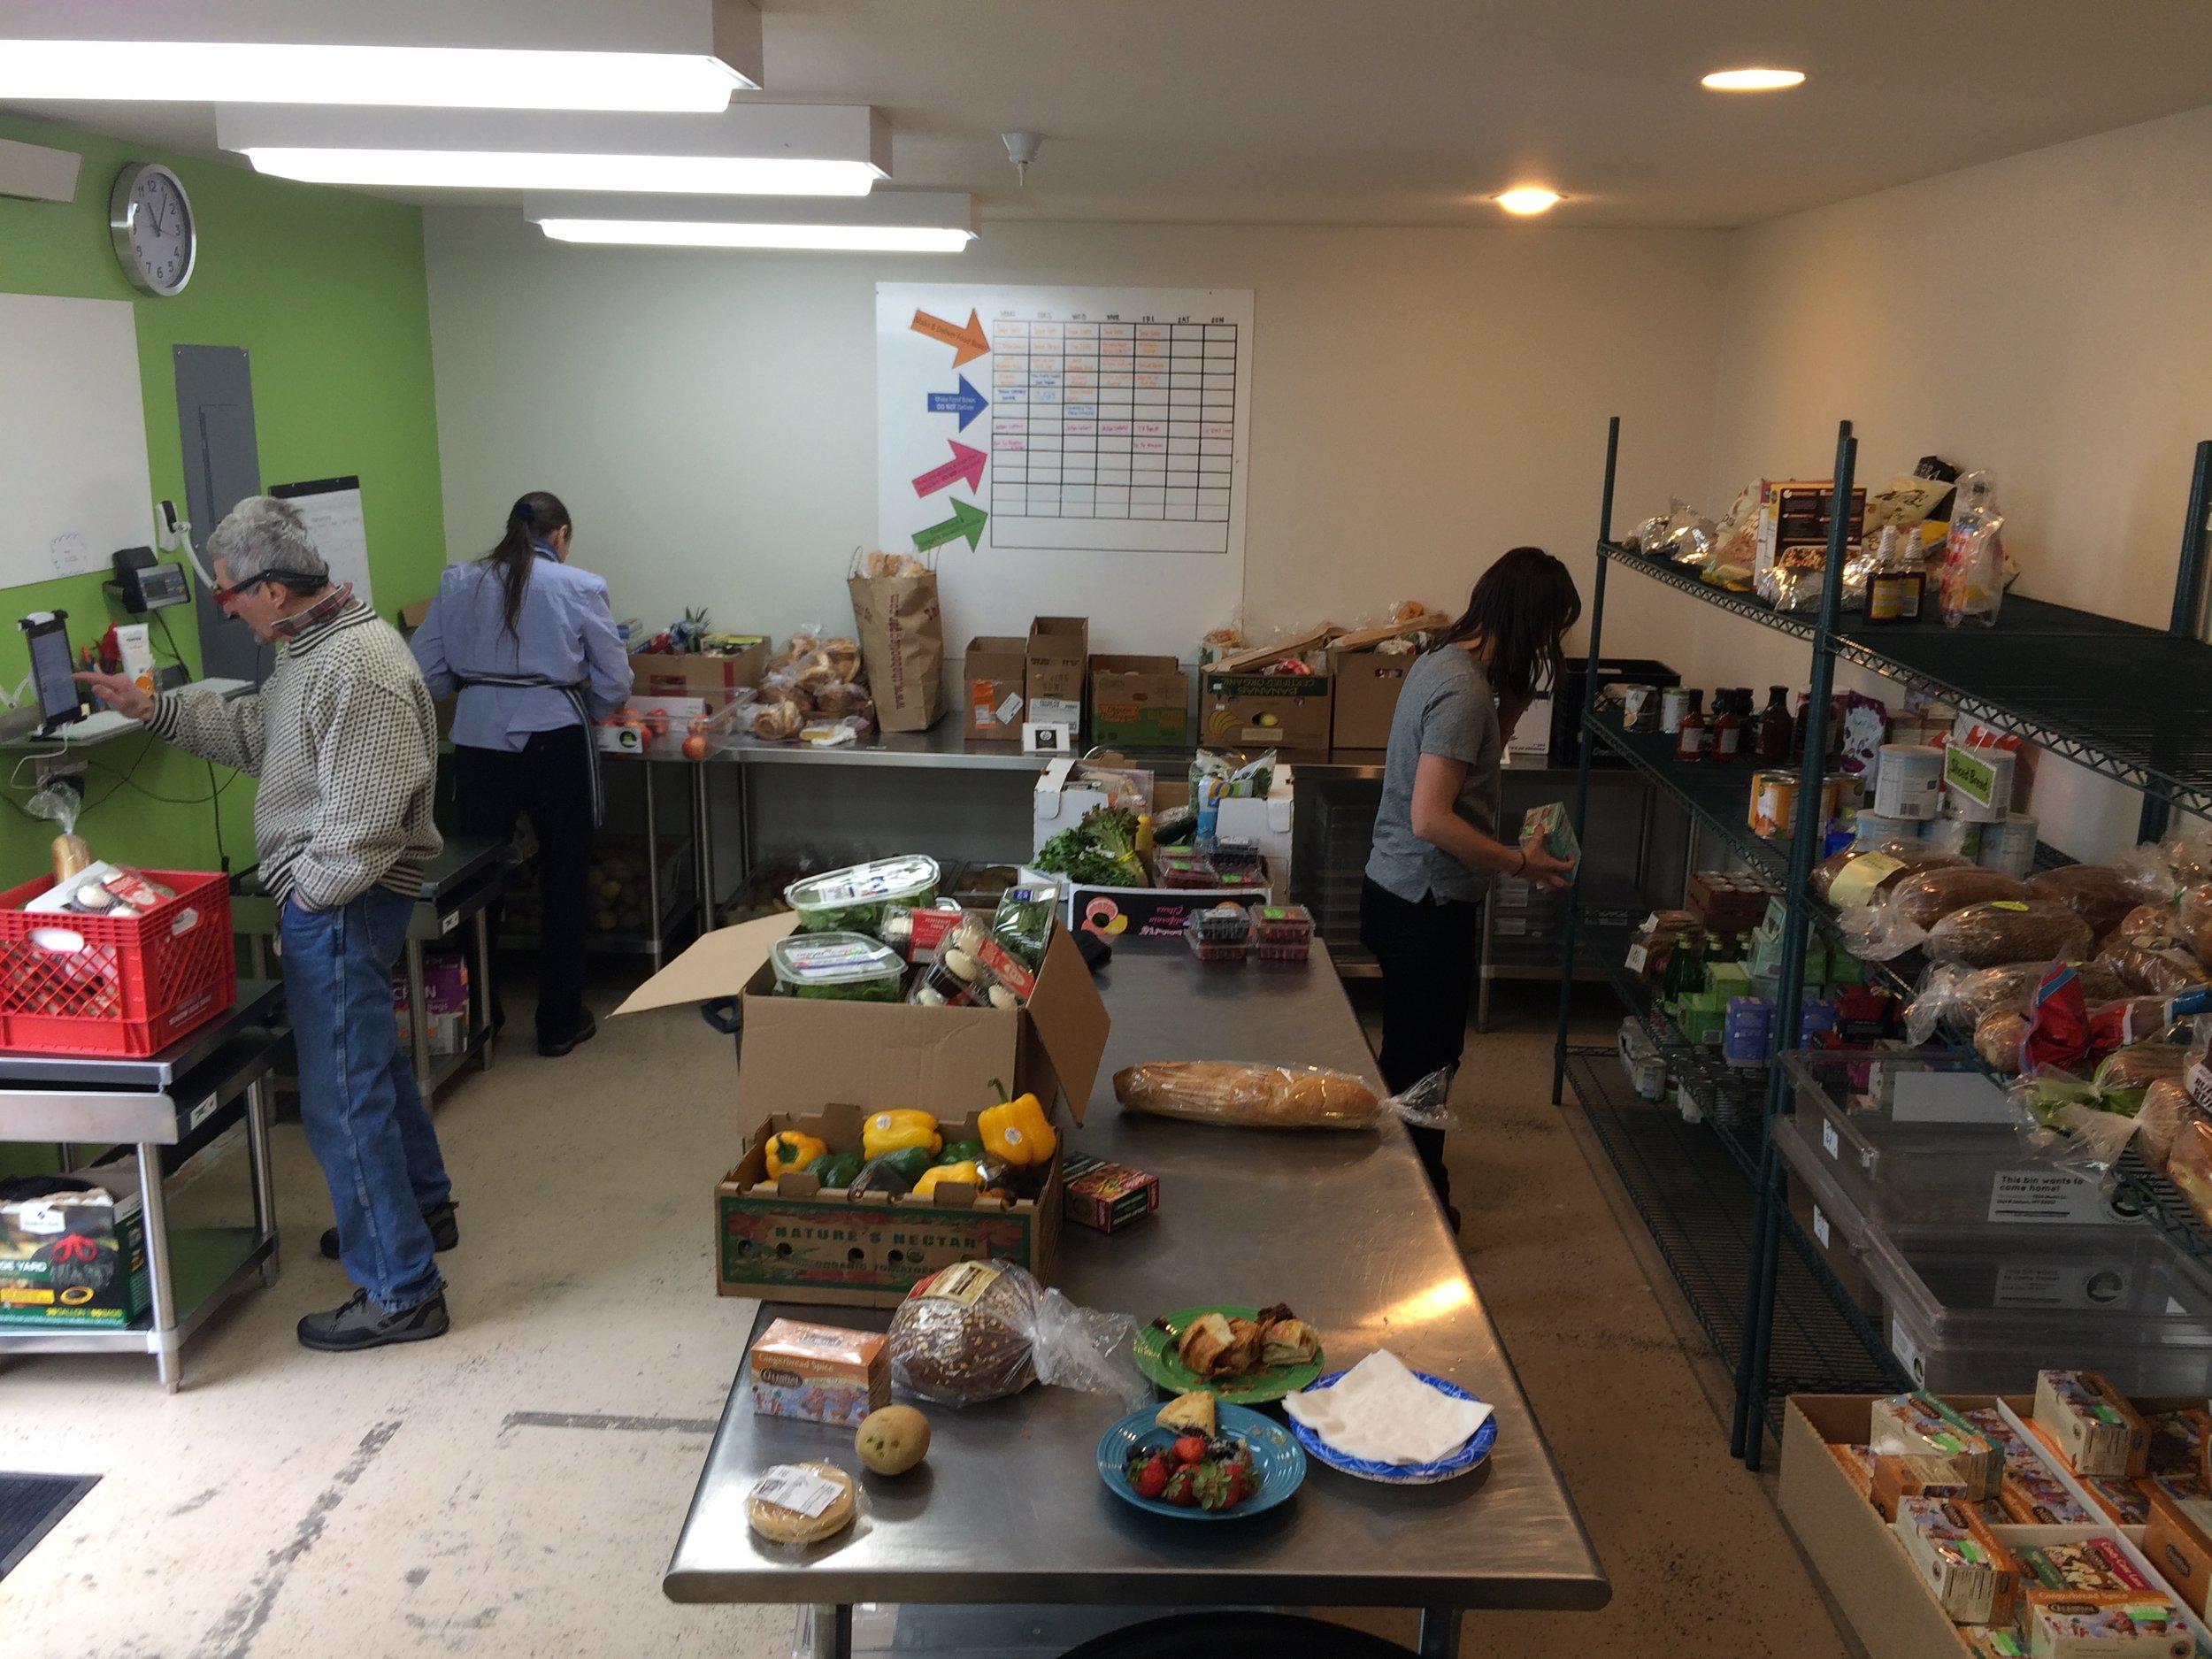 The Hub - Volunteers sorting food rescues at the Hub.